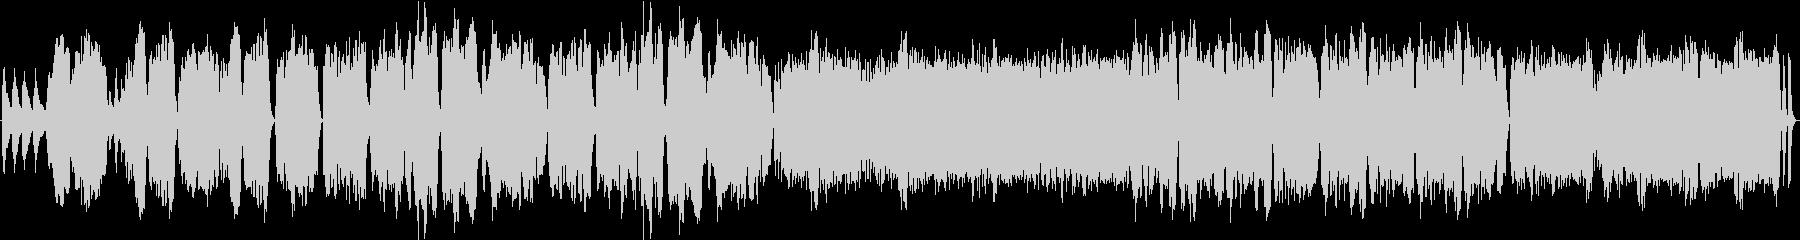 チャルダッシュ(フルートピアノ伴奏)の未再生の波形